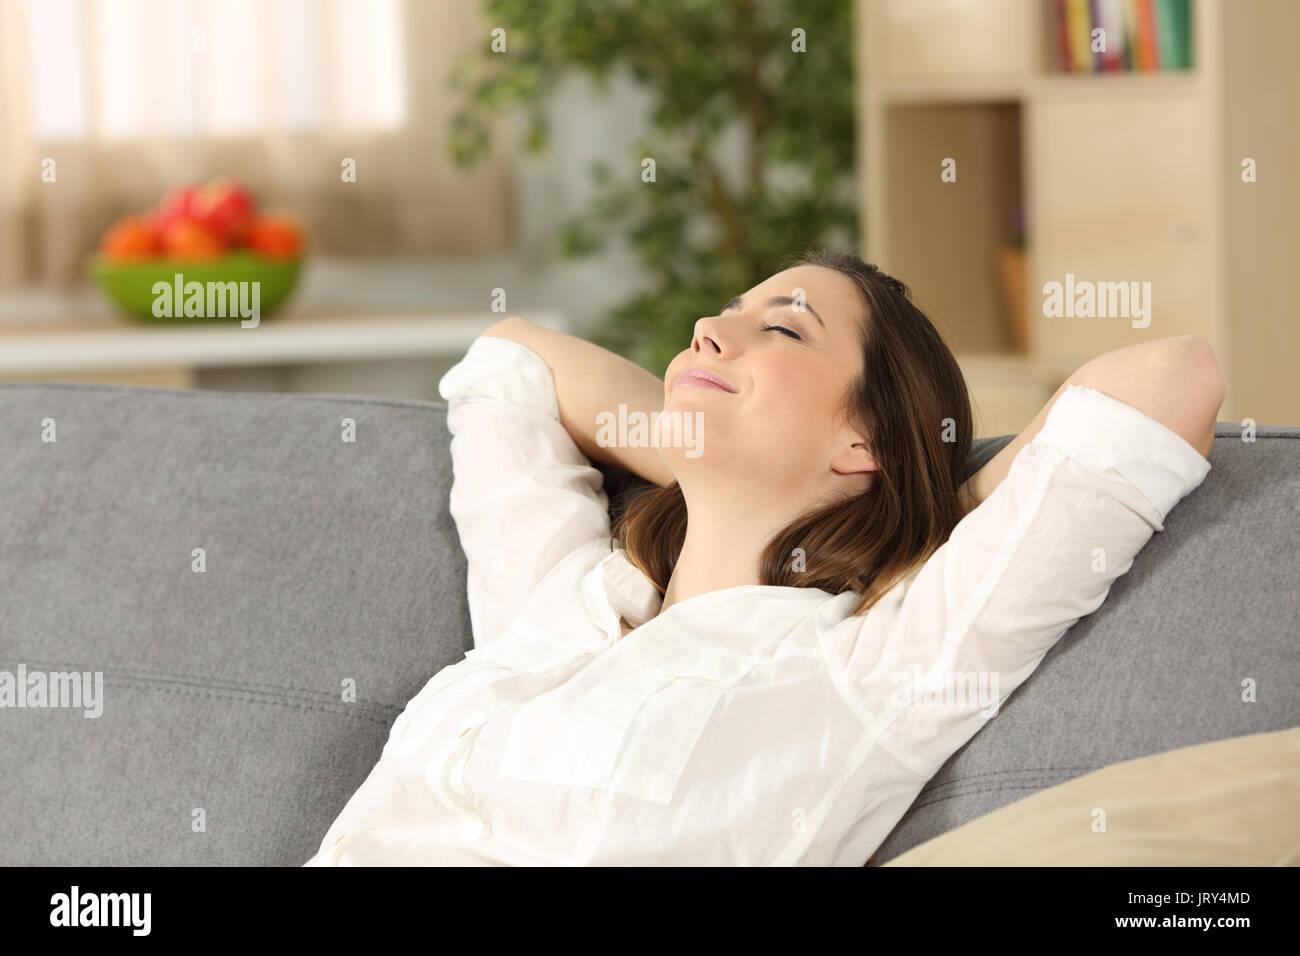 Glückliche Eigenheimbesitzer alleine Entspannen sitzen auf